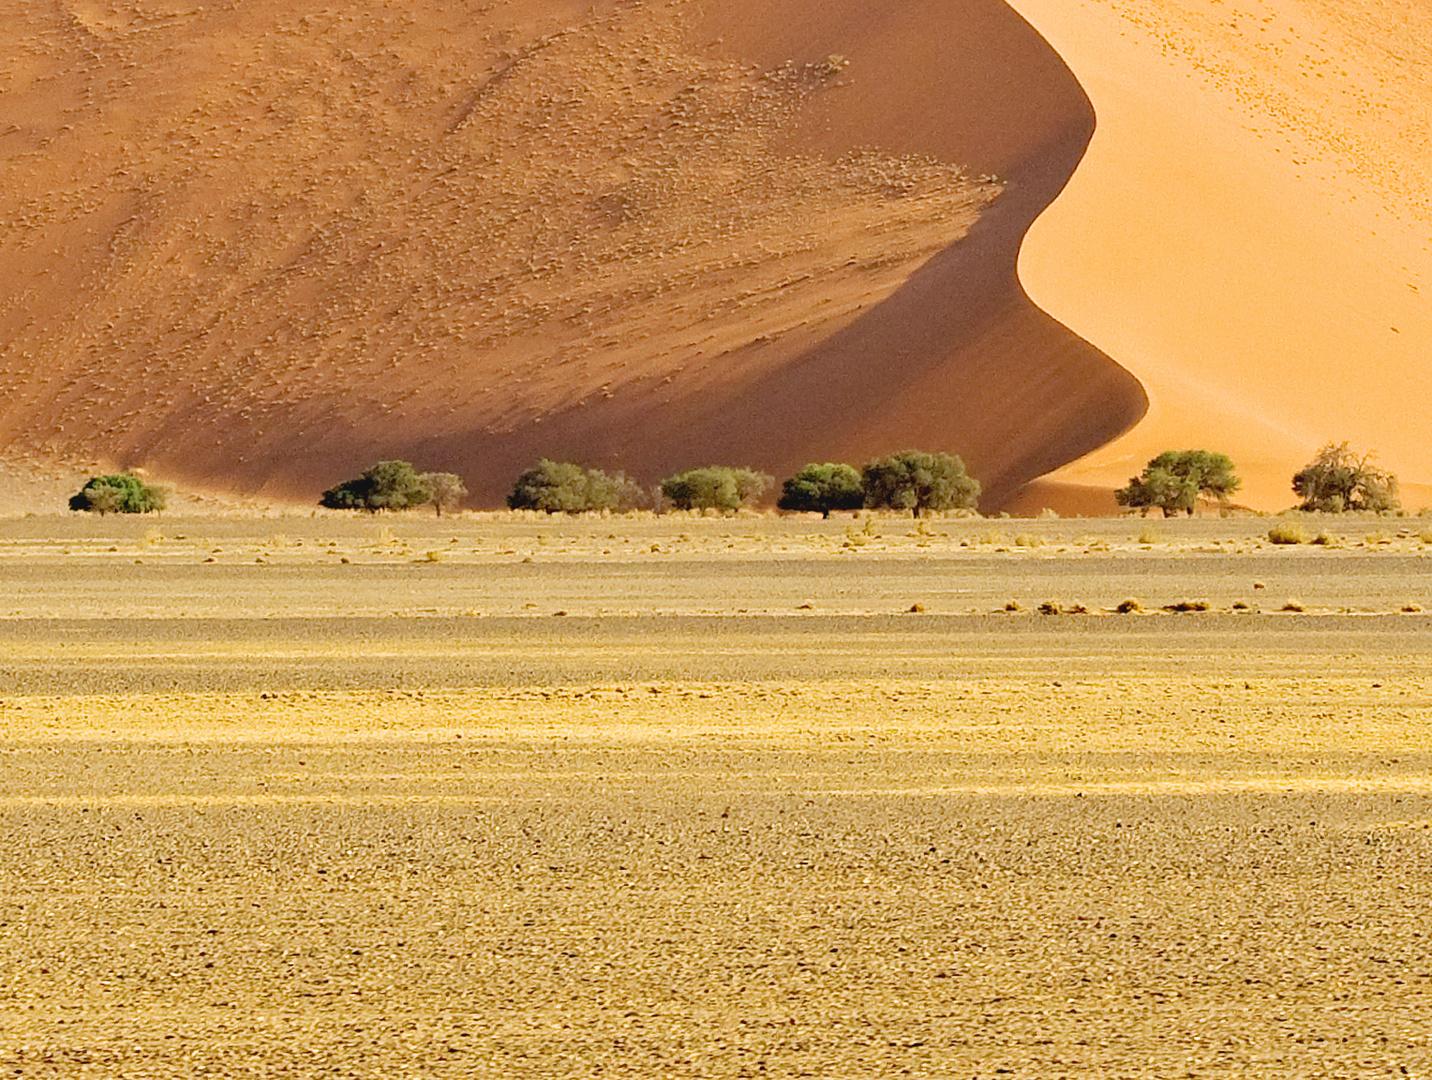 Wüste Namib 4